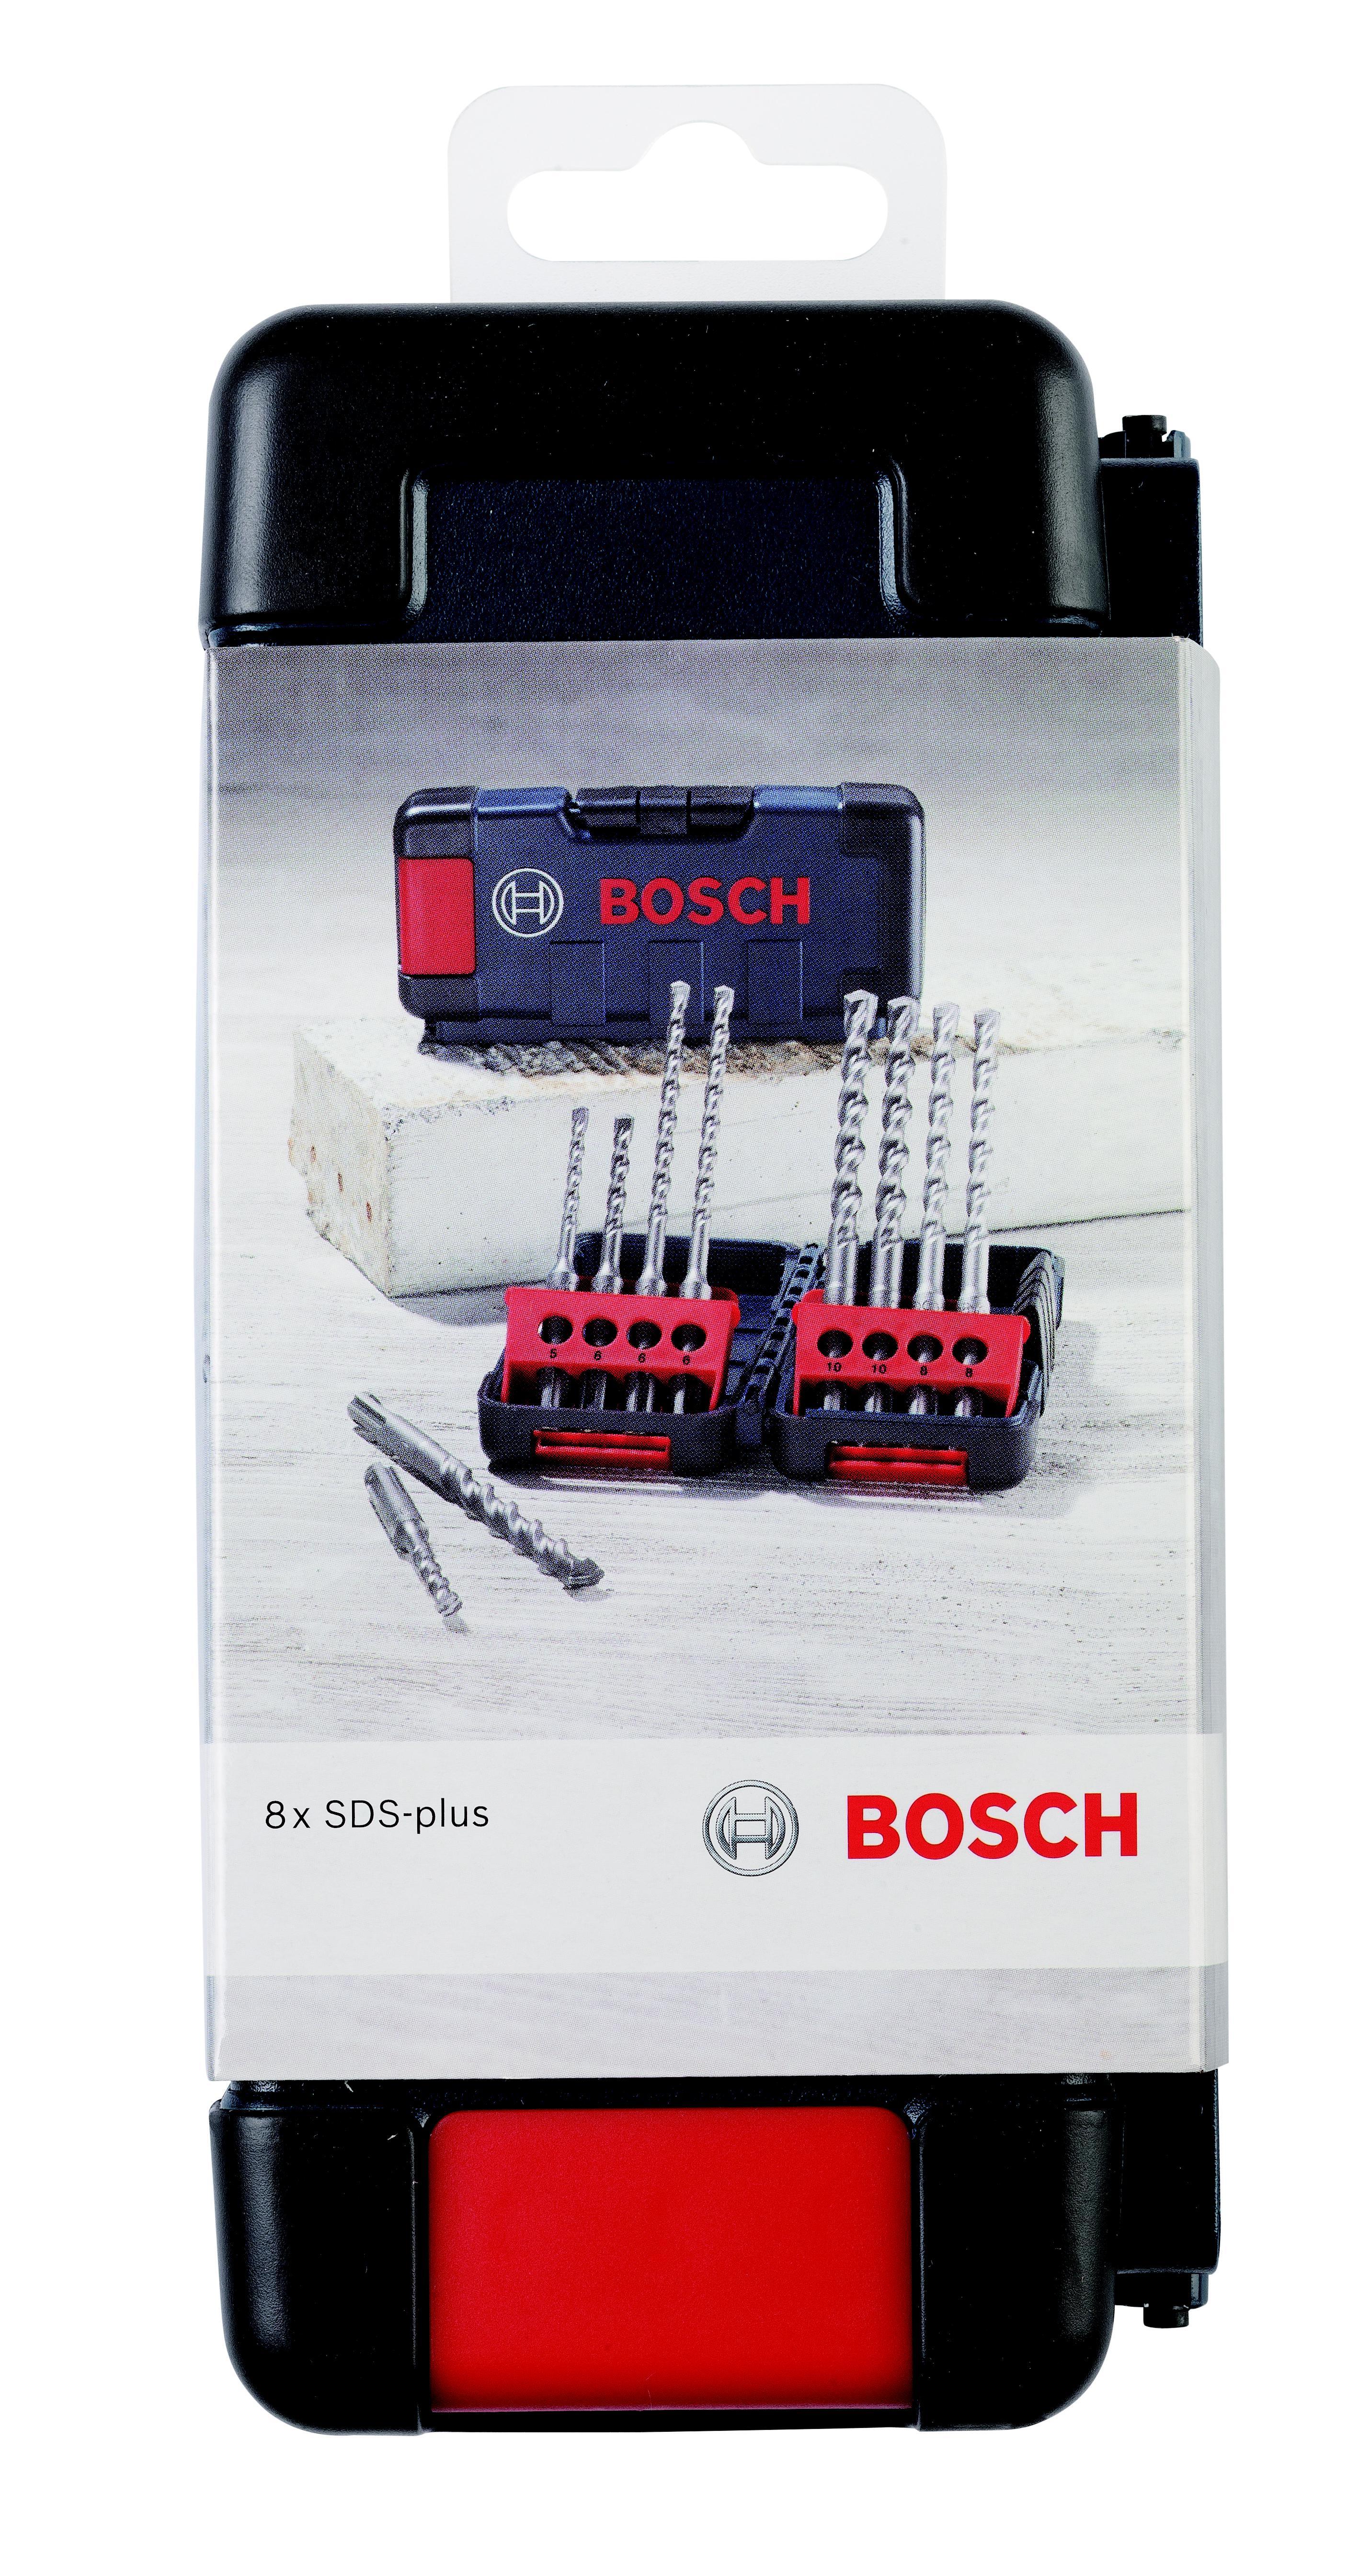 Набор буров Bosch Sds+ (2607019902) набор буров для перфоратора bosch sds plus 7x 5 10 мм 5 шт 2608576199